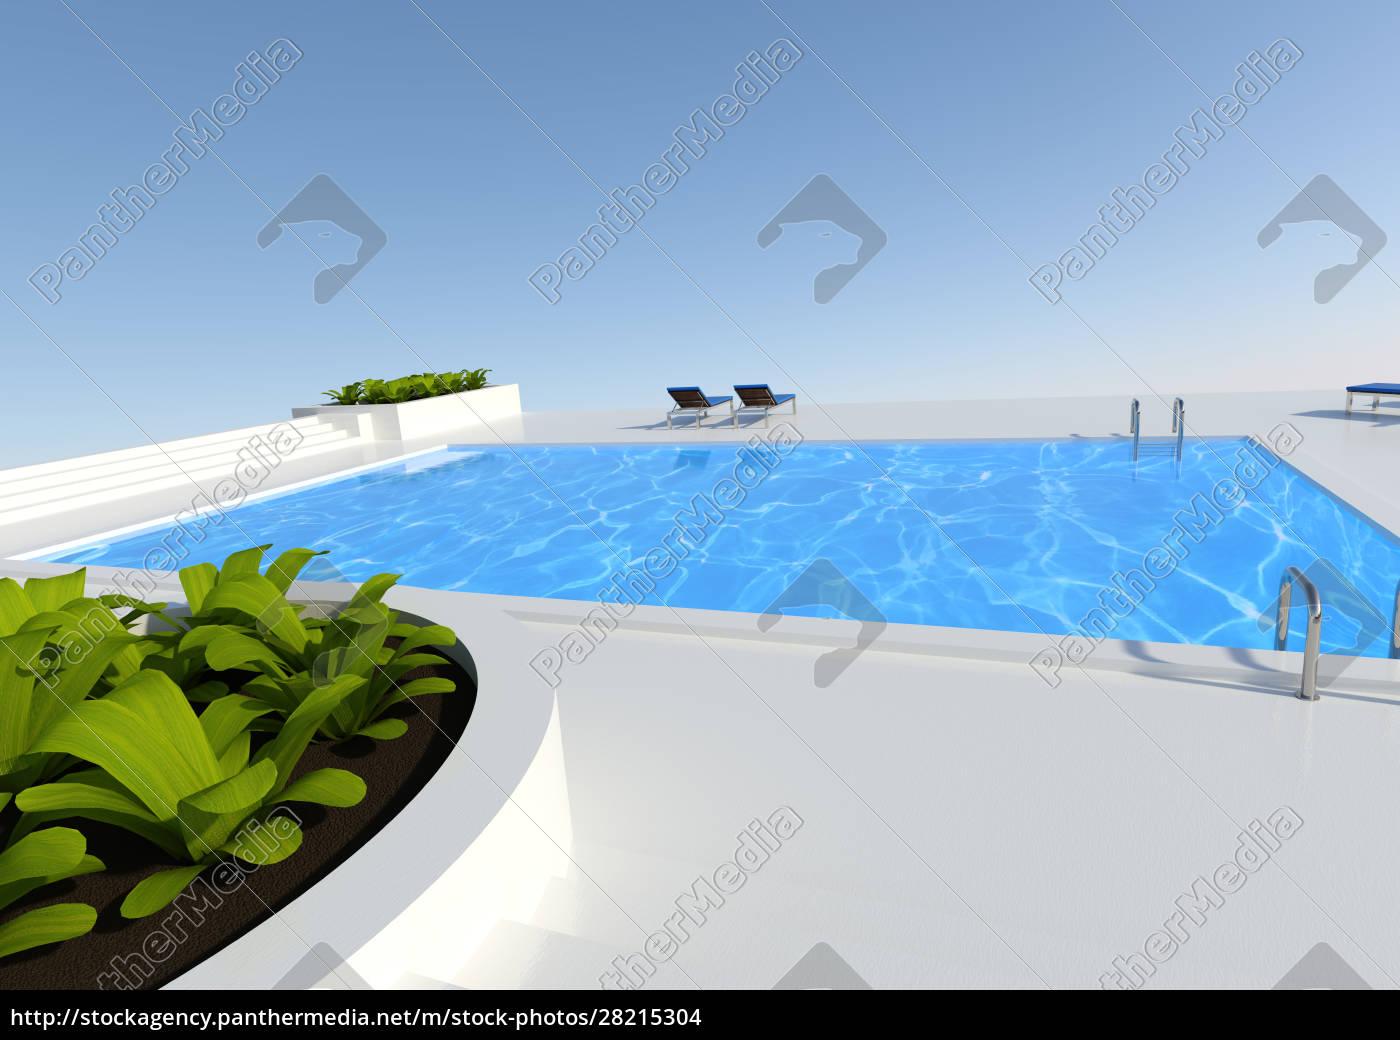 3d, rendering, pool, outside - 28215304